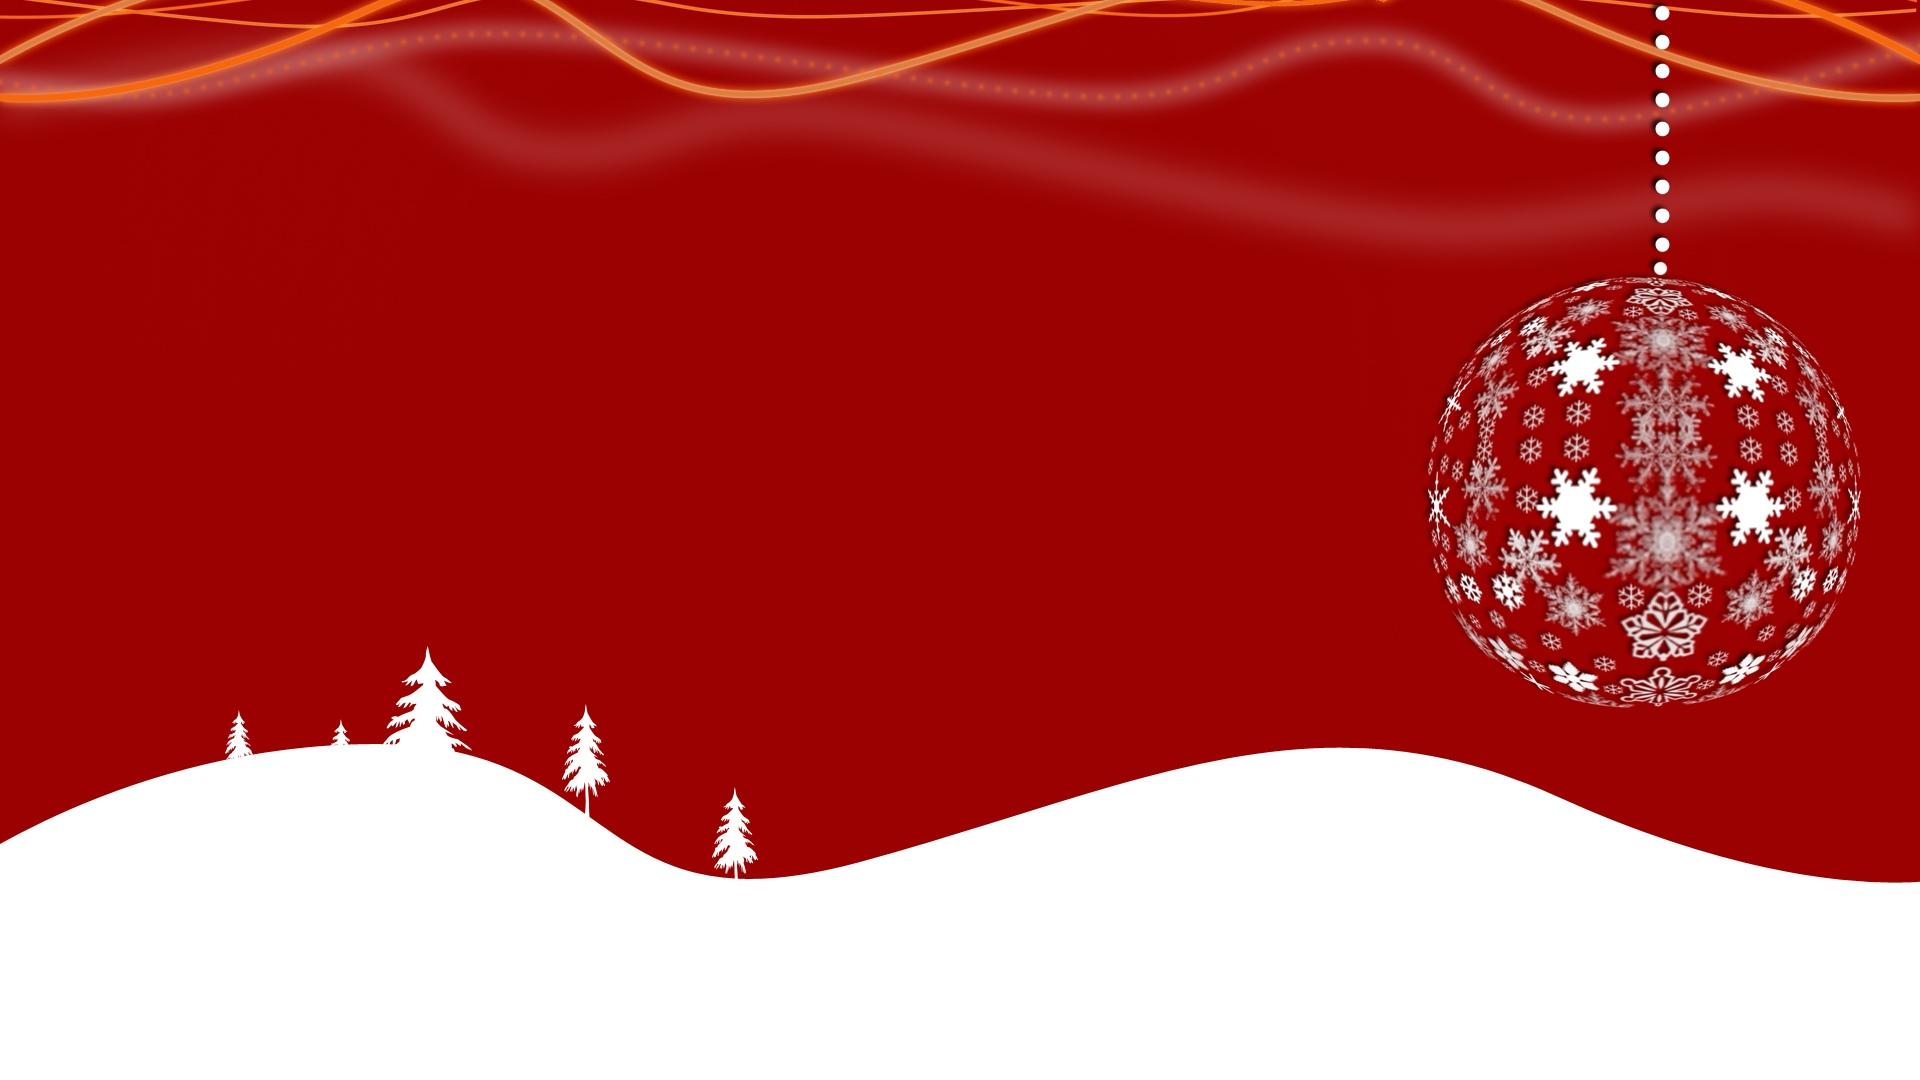 sfondo-natalizio-2012-3